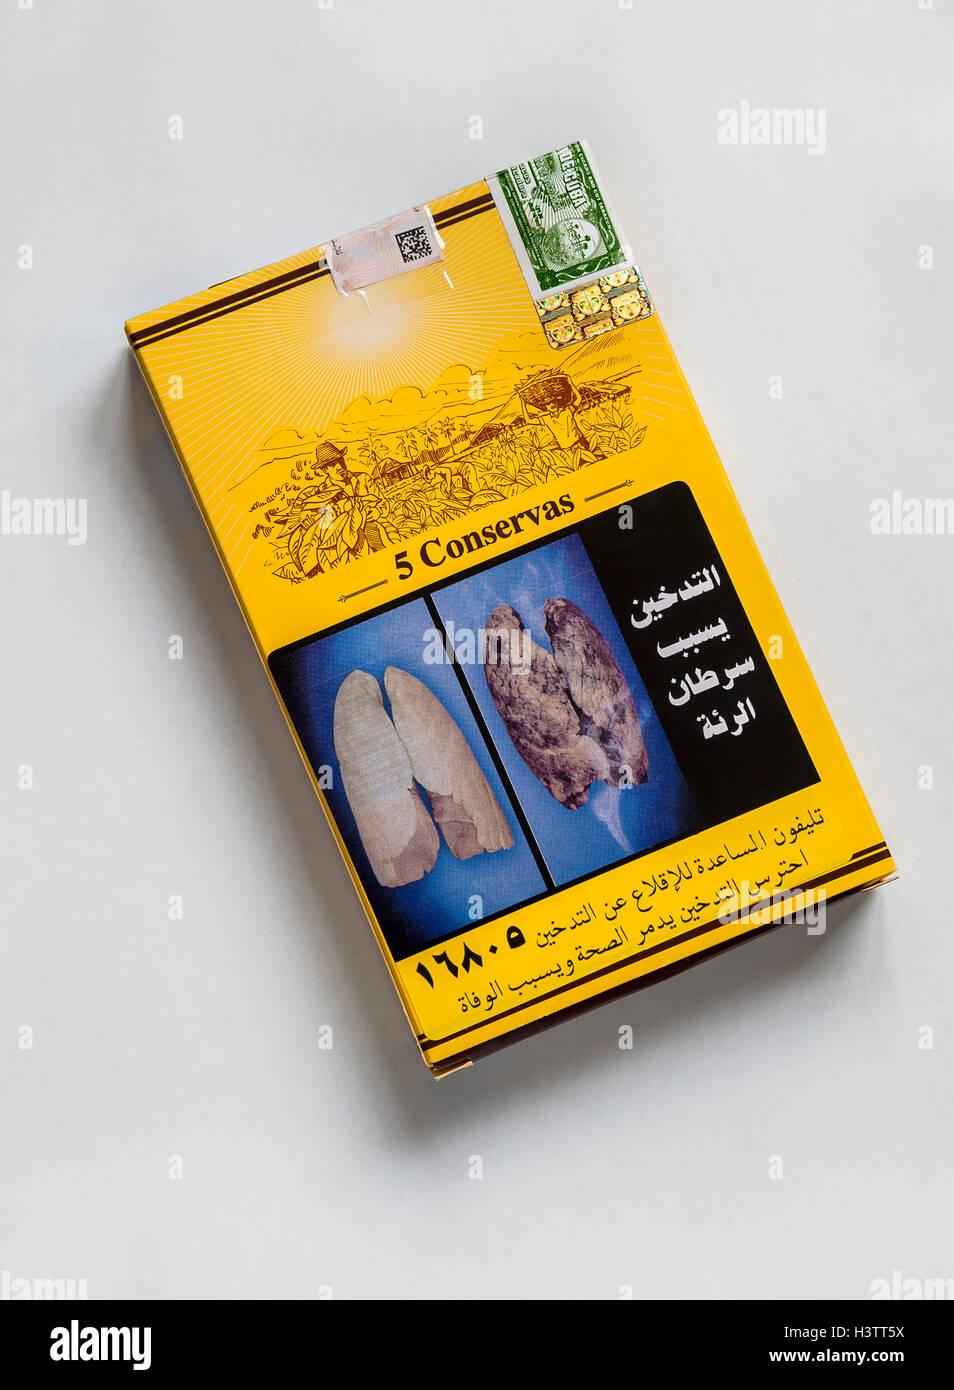 Kubanische Zigarren im ägyptischen Zigarrenkiste mit schockierenden Bildern Stockbild